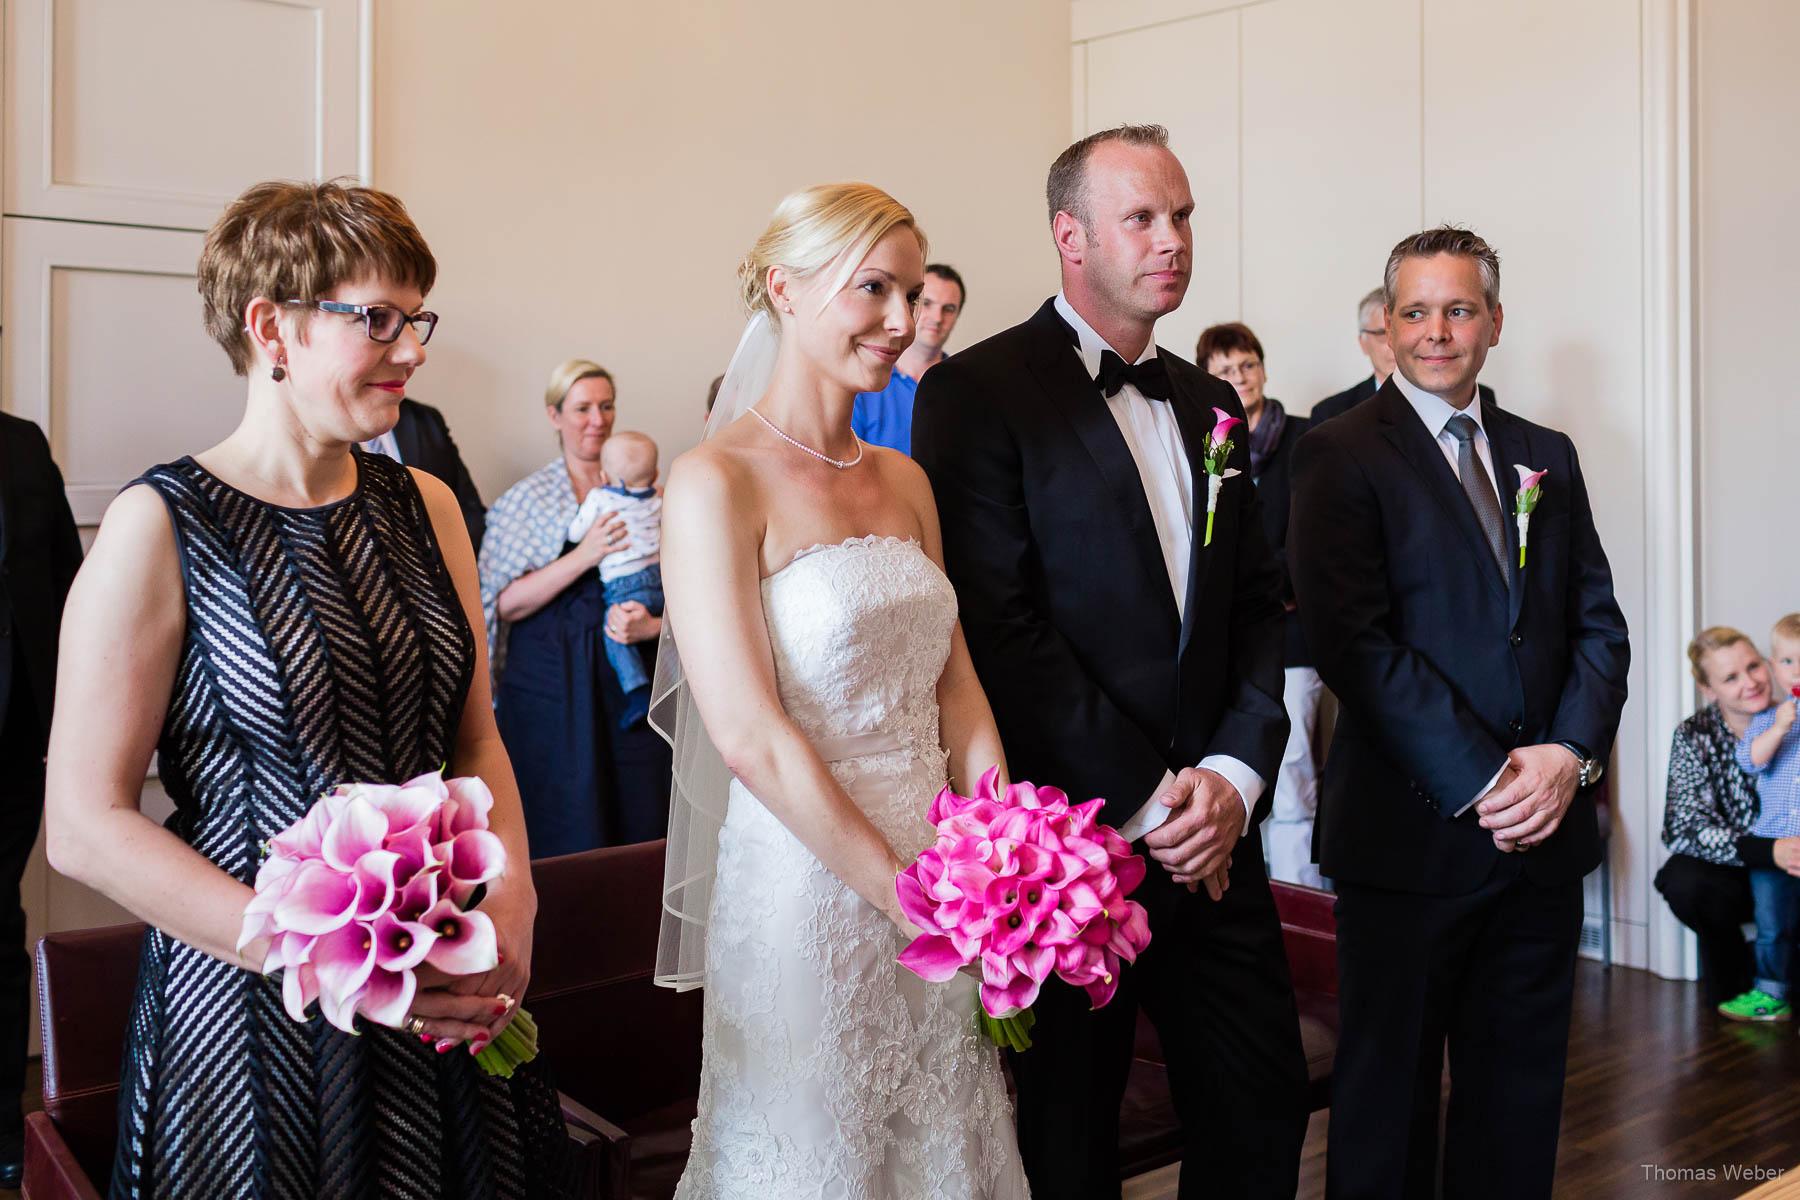 Standesamtliche Trauung im Standesamt am Pferdemarkt in Oldenburg, Hochzeitsfotograf Oldenburg Thomas Weber